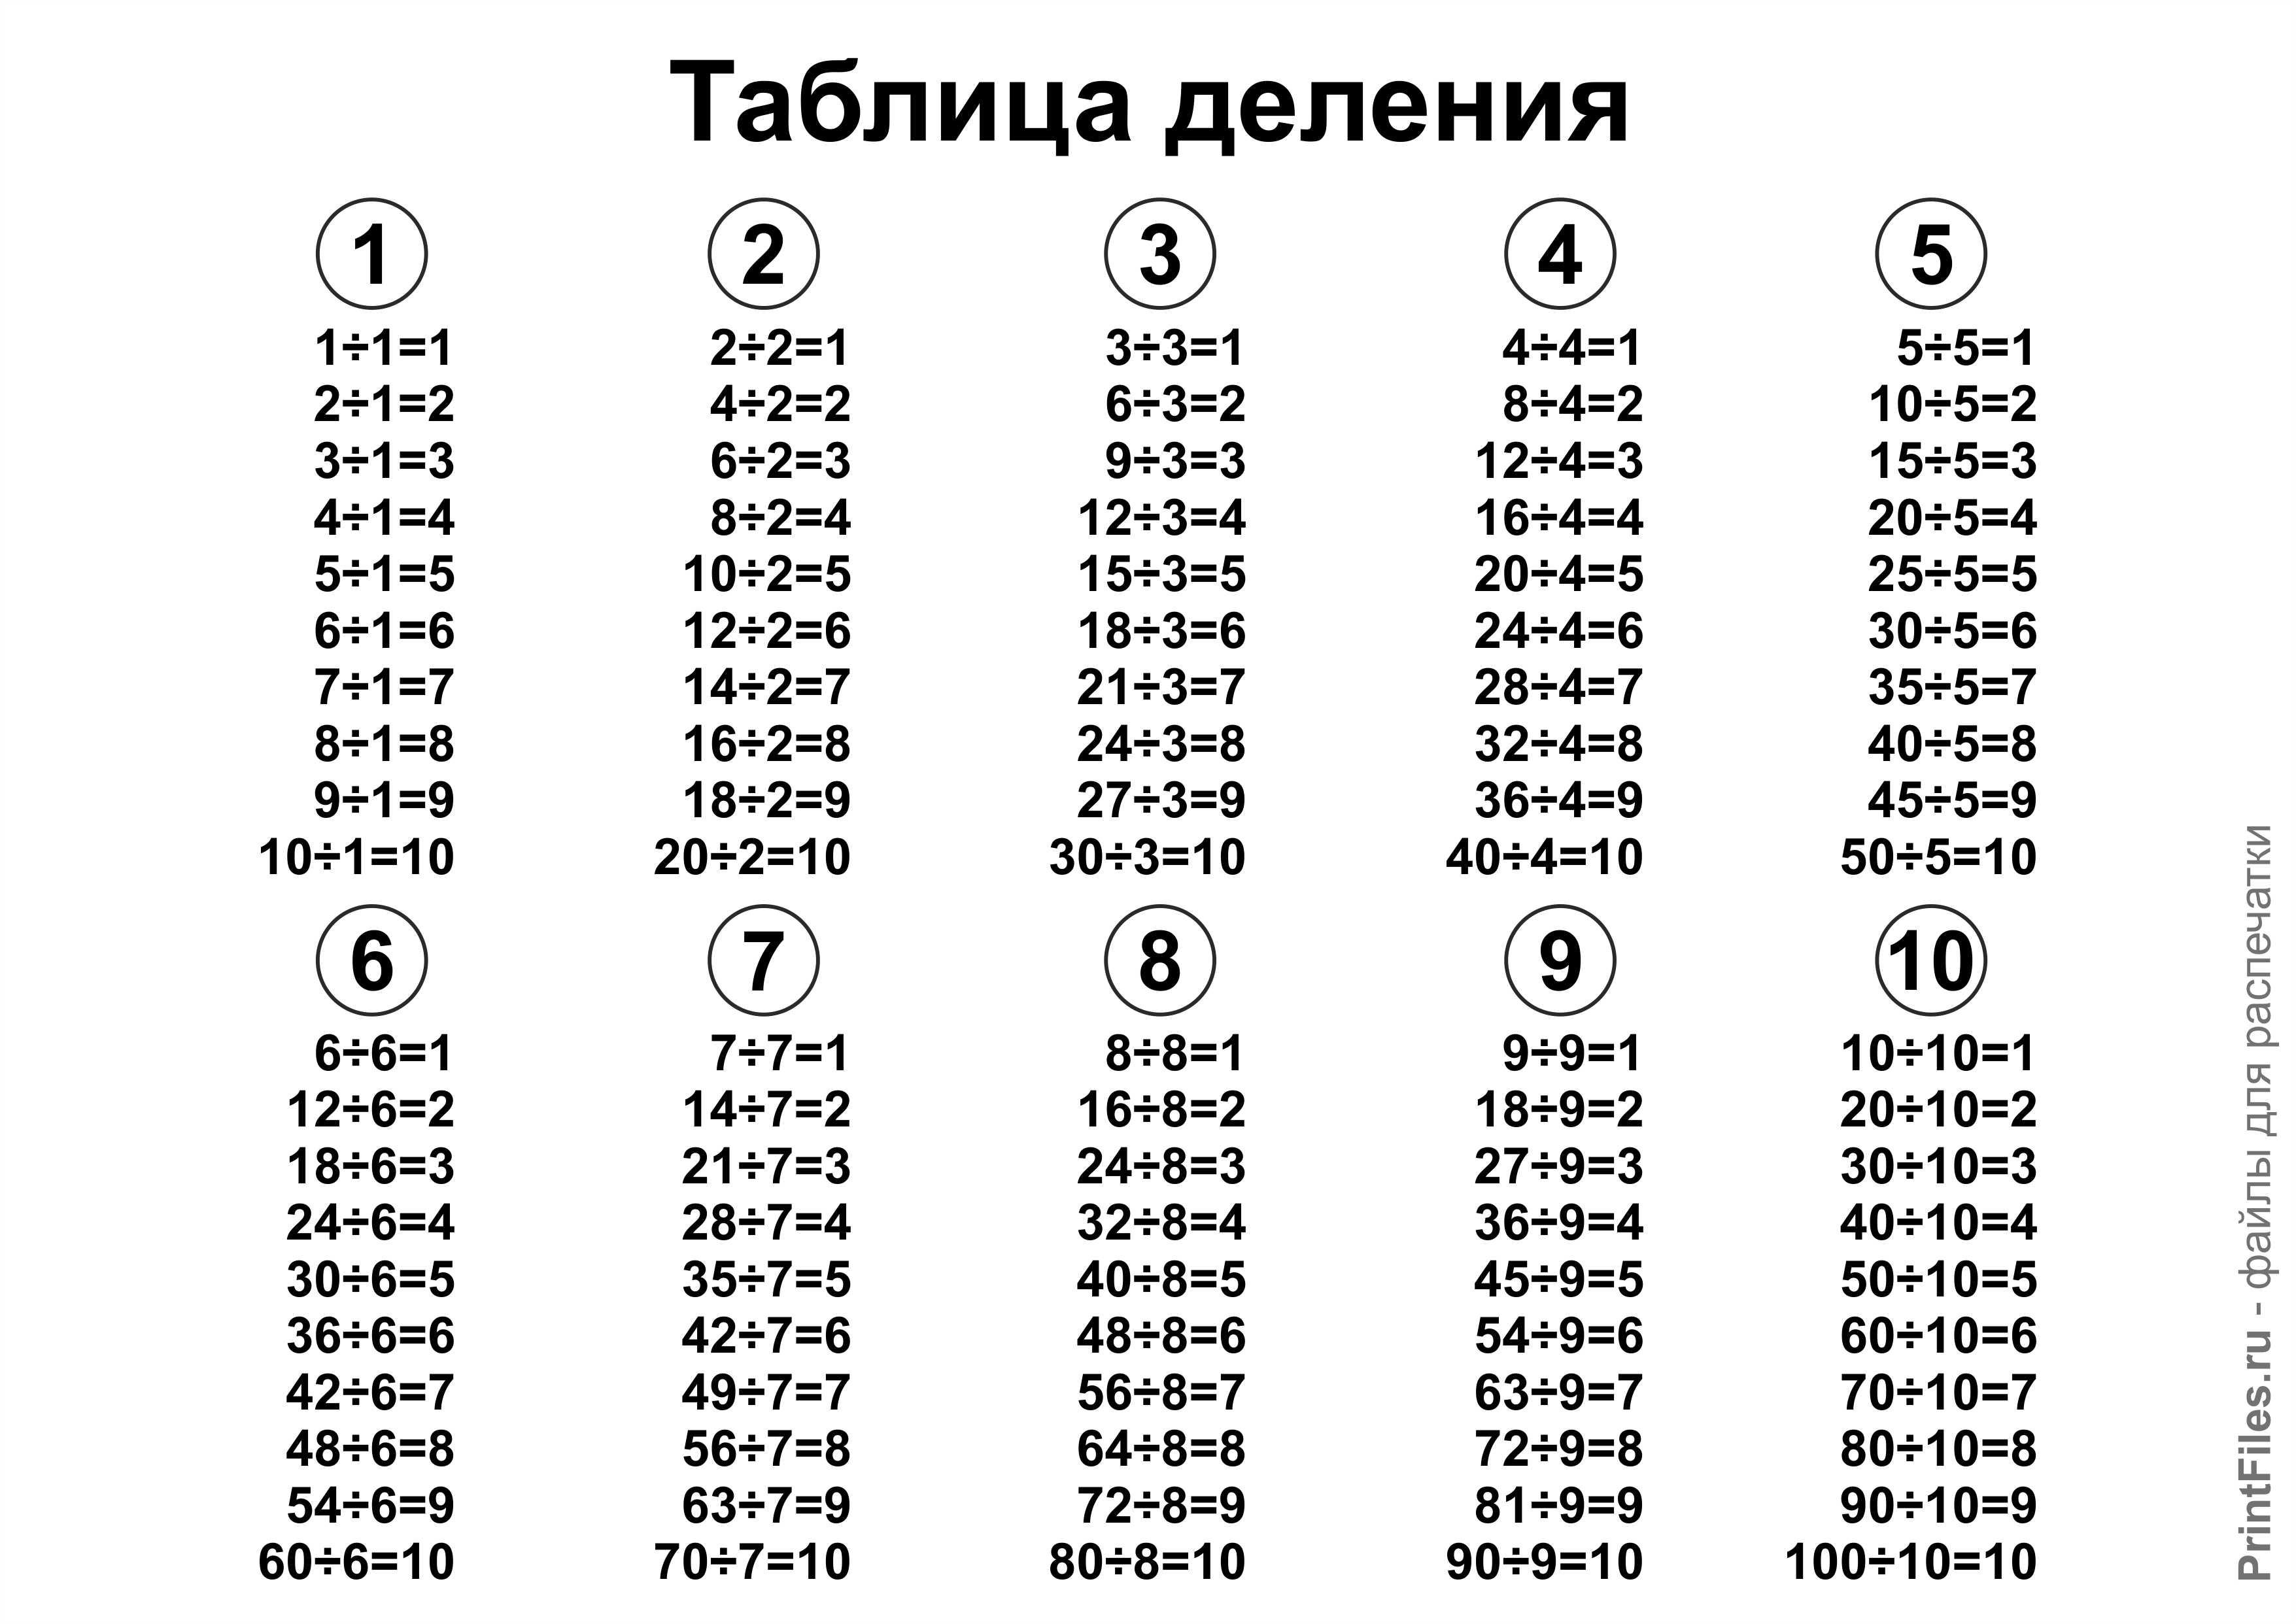 методики таблица деления распечатать картинки оно застывает растекается